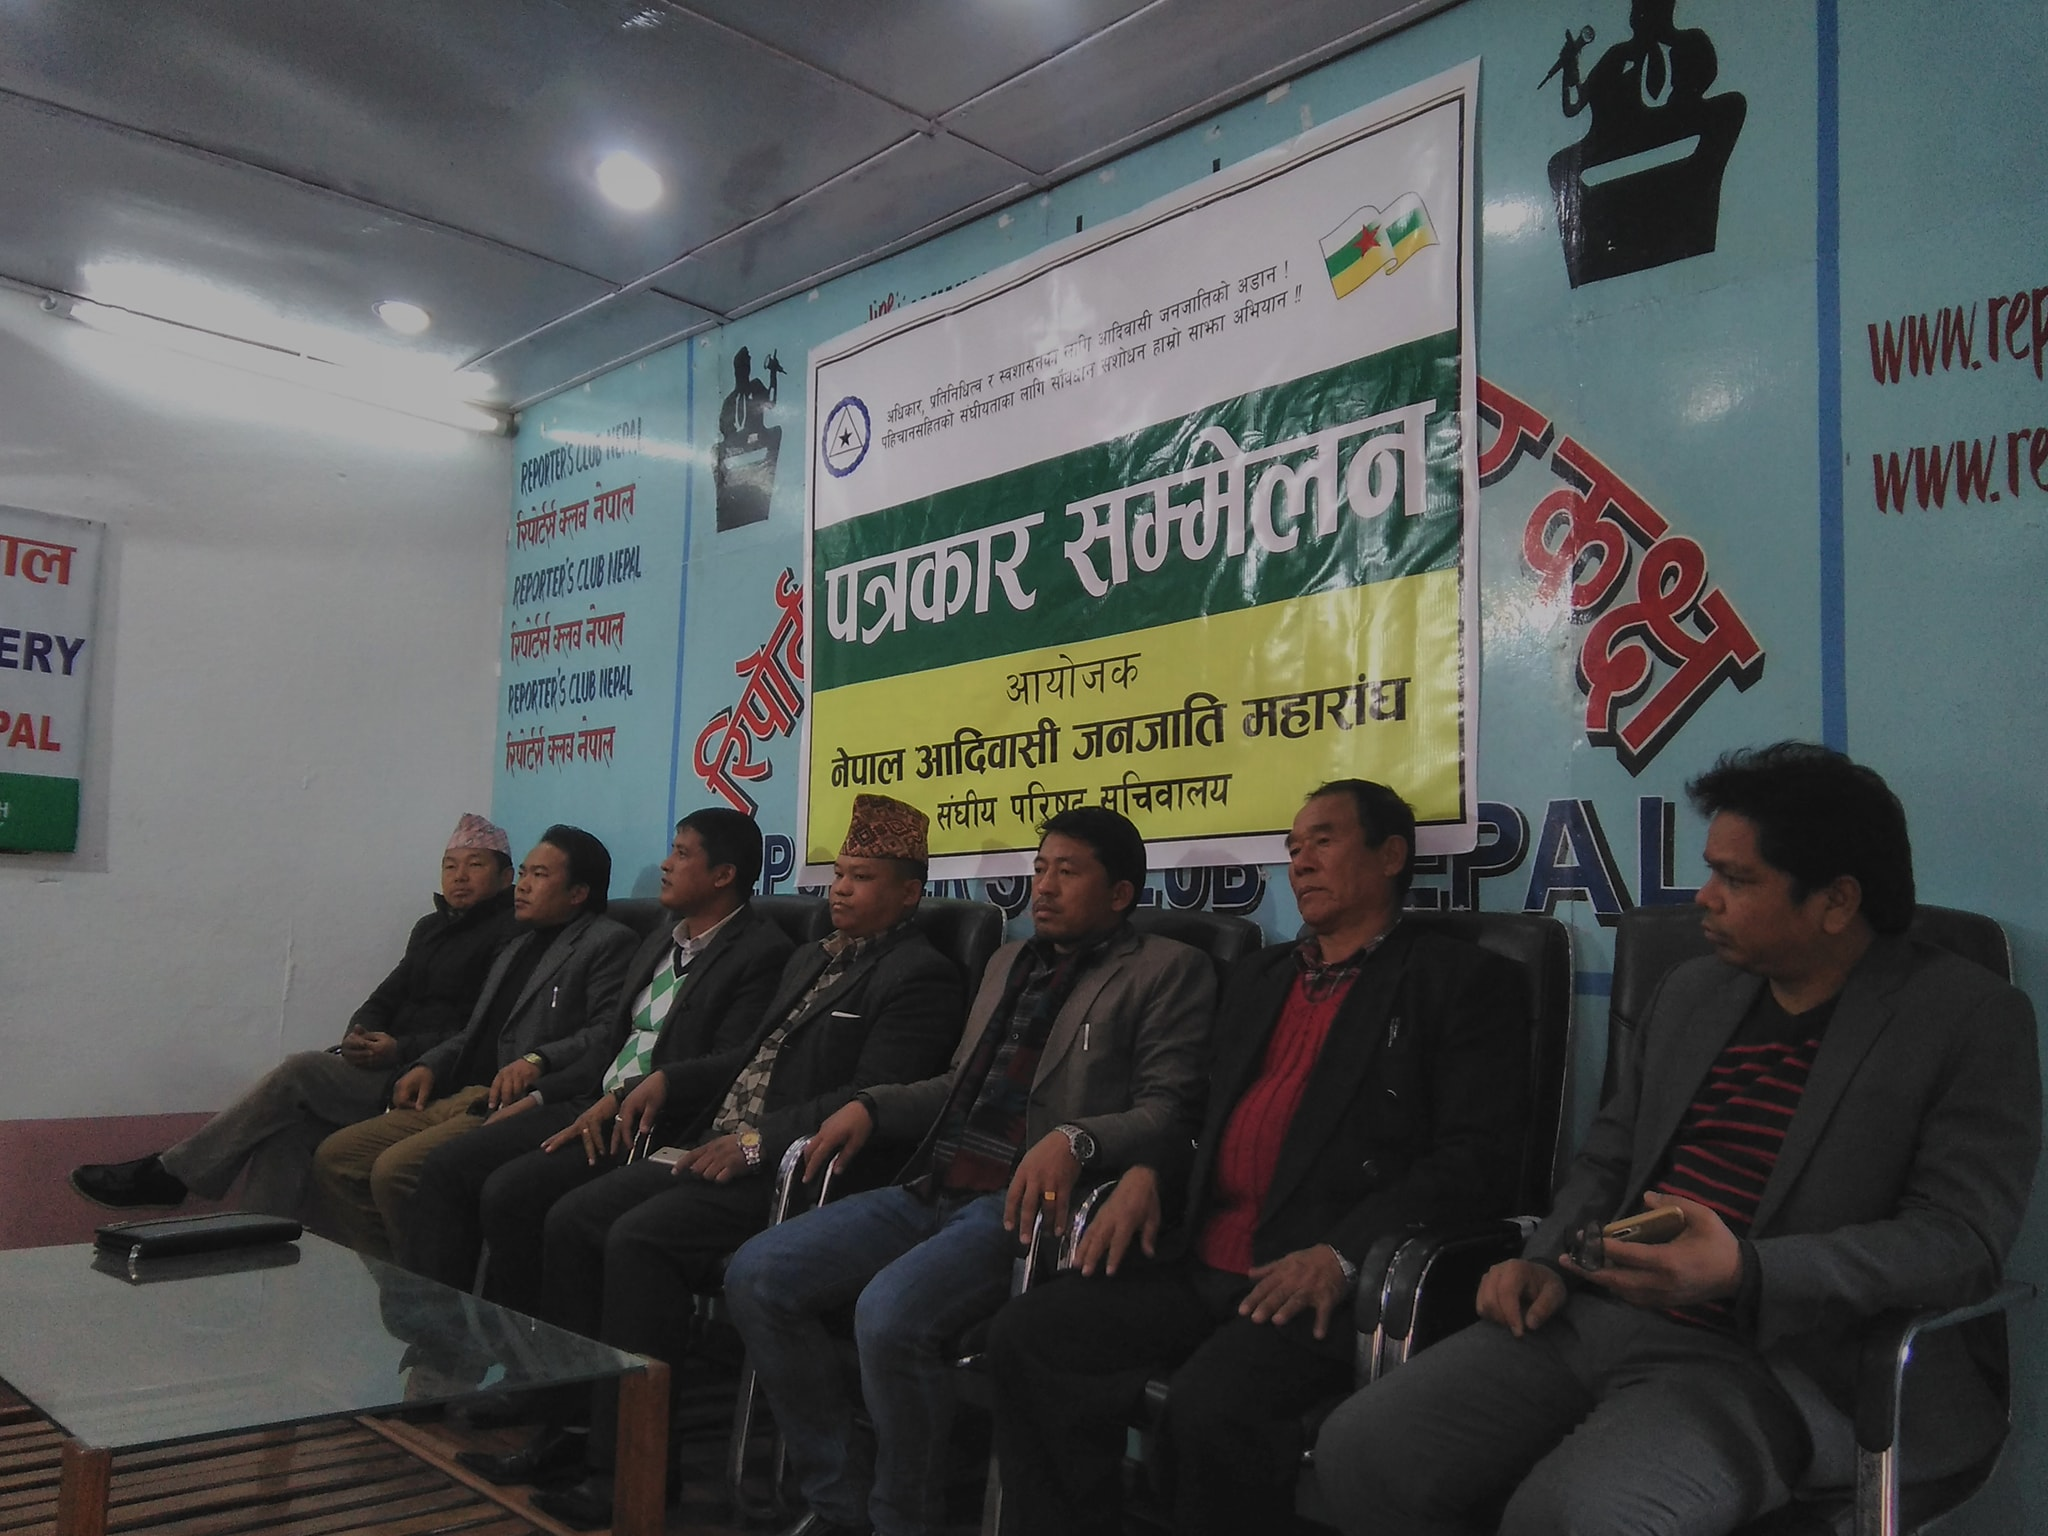 सांस्कृतिक पर्वको सार्वजनिक विदा पुनःस्थापनाका लागि महासंघको धर्ना कार्यक्रम